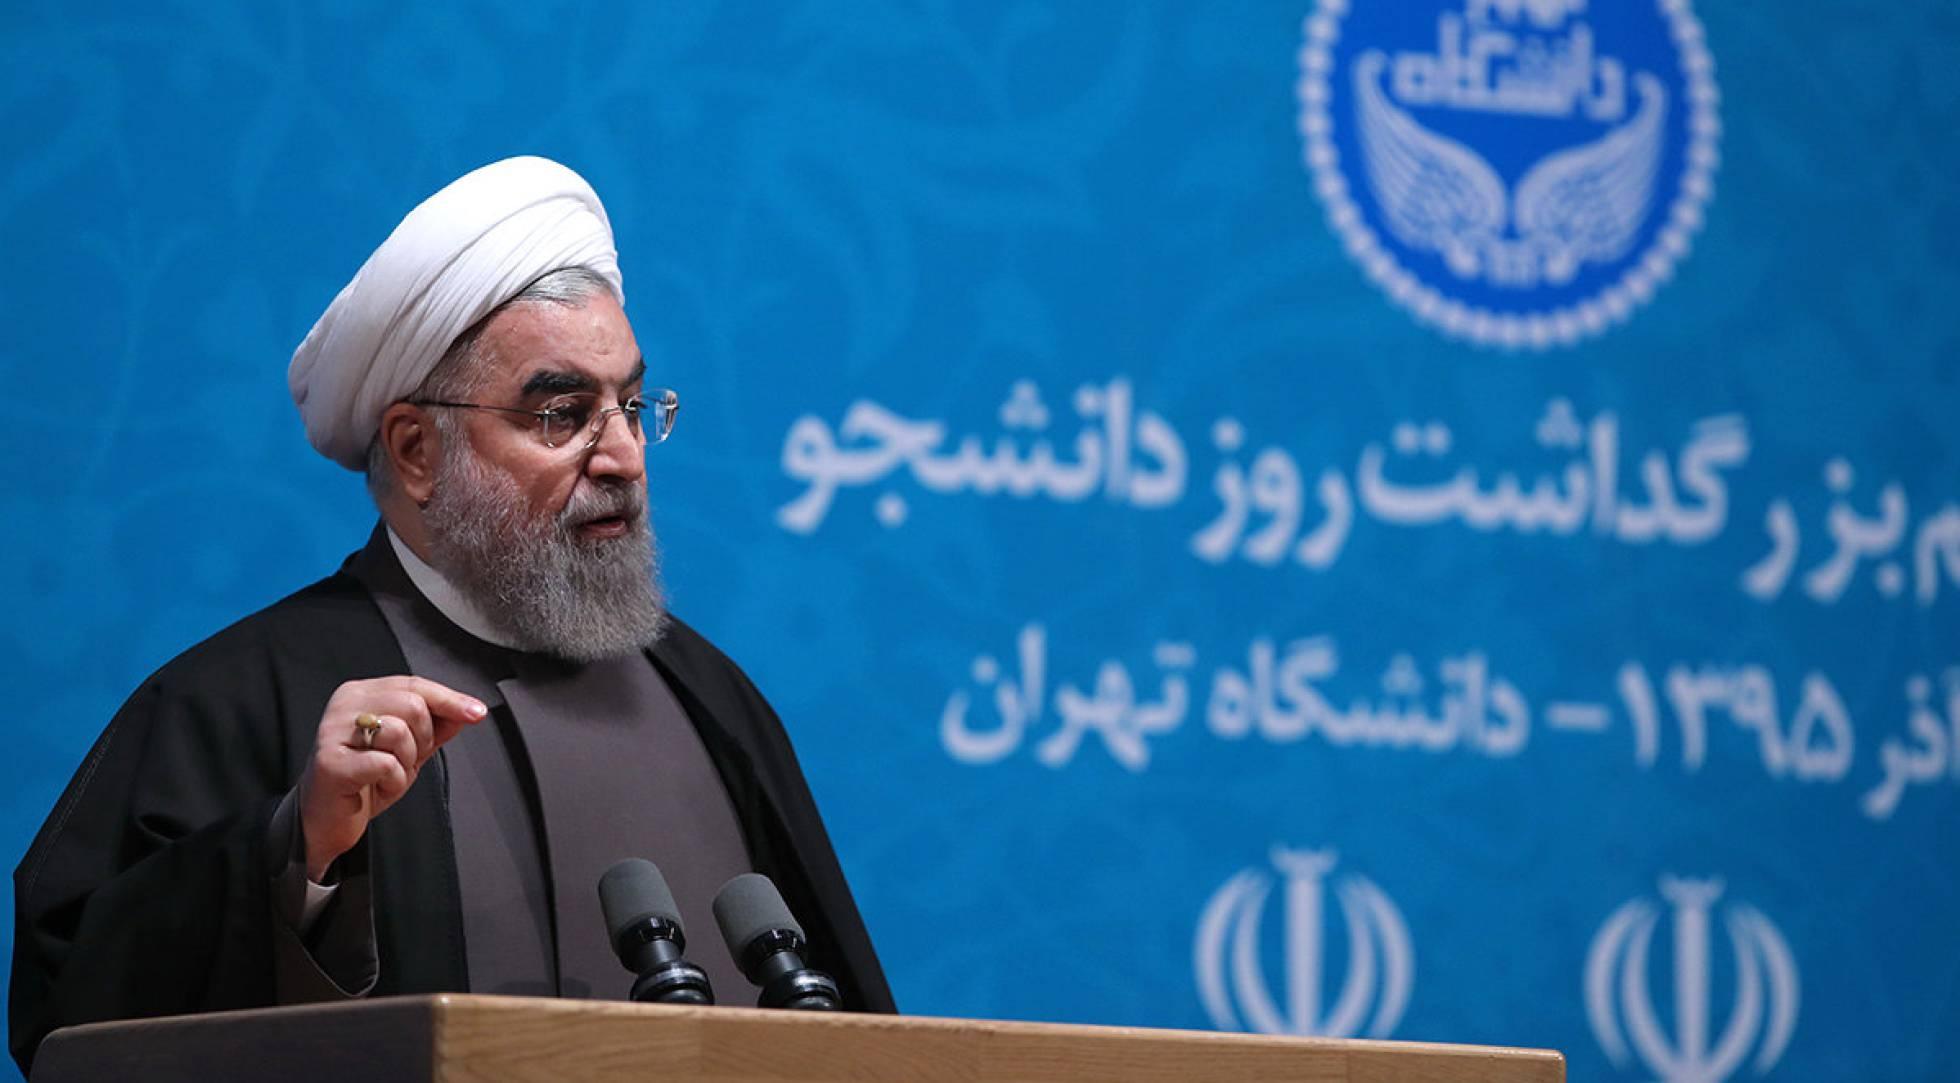 militar - Pacto Nuclear con Irán - Página 30 1481627369_067705_1481628675_noticia_normal_recorte1